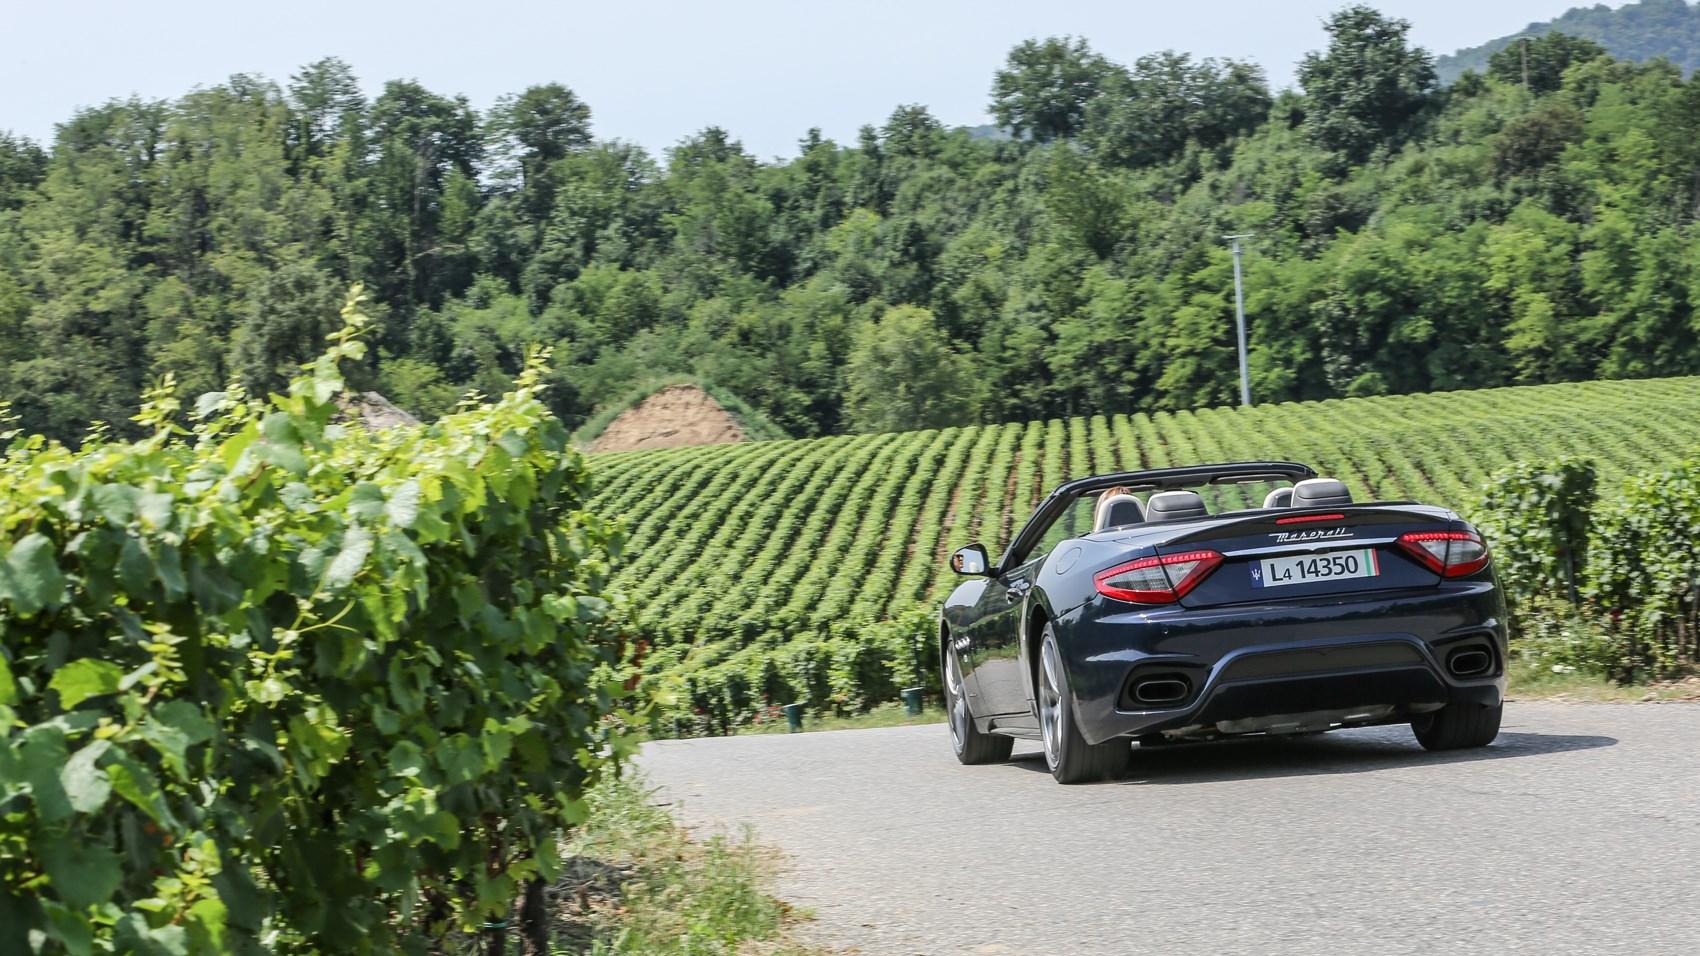 Maserati GranCabrio rear cornering